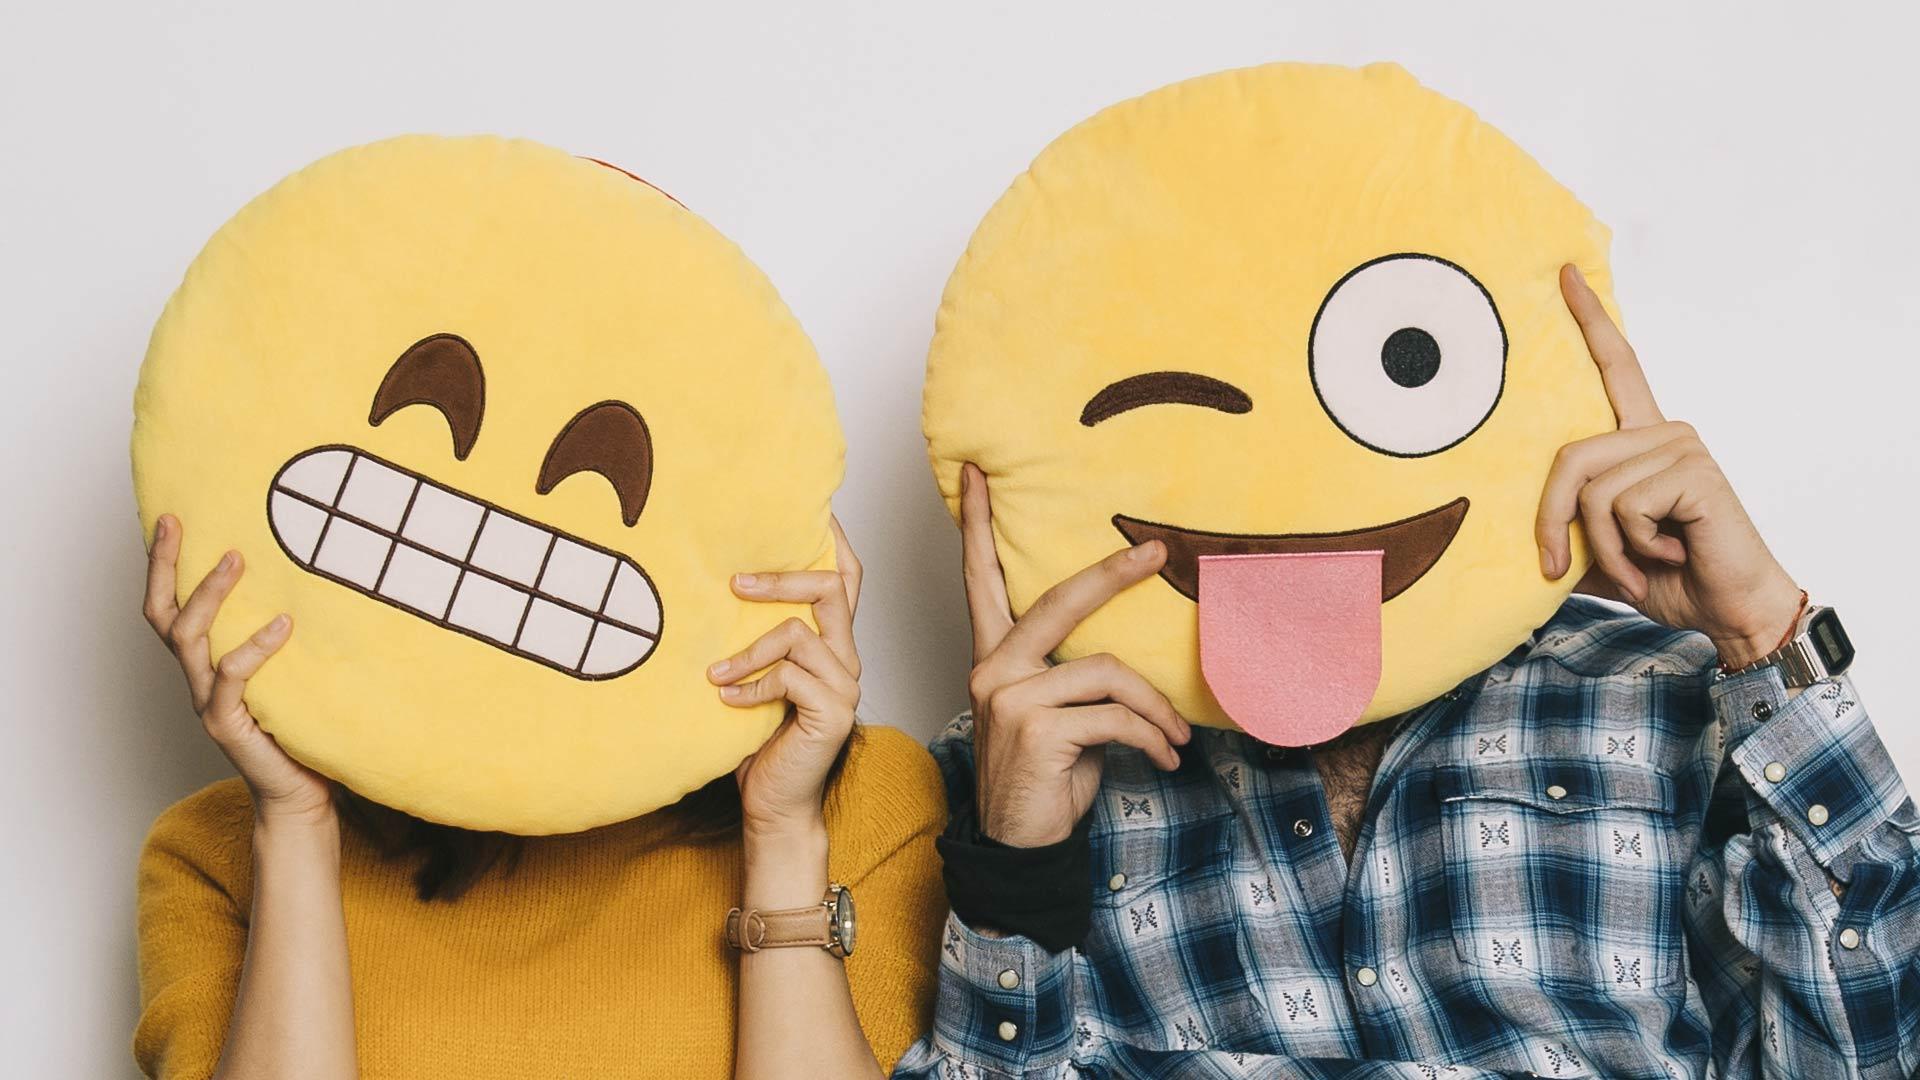 Couple-emoji-face